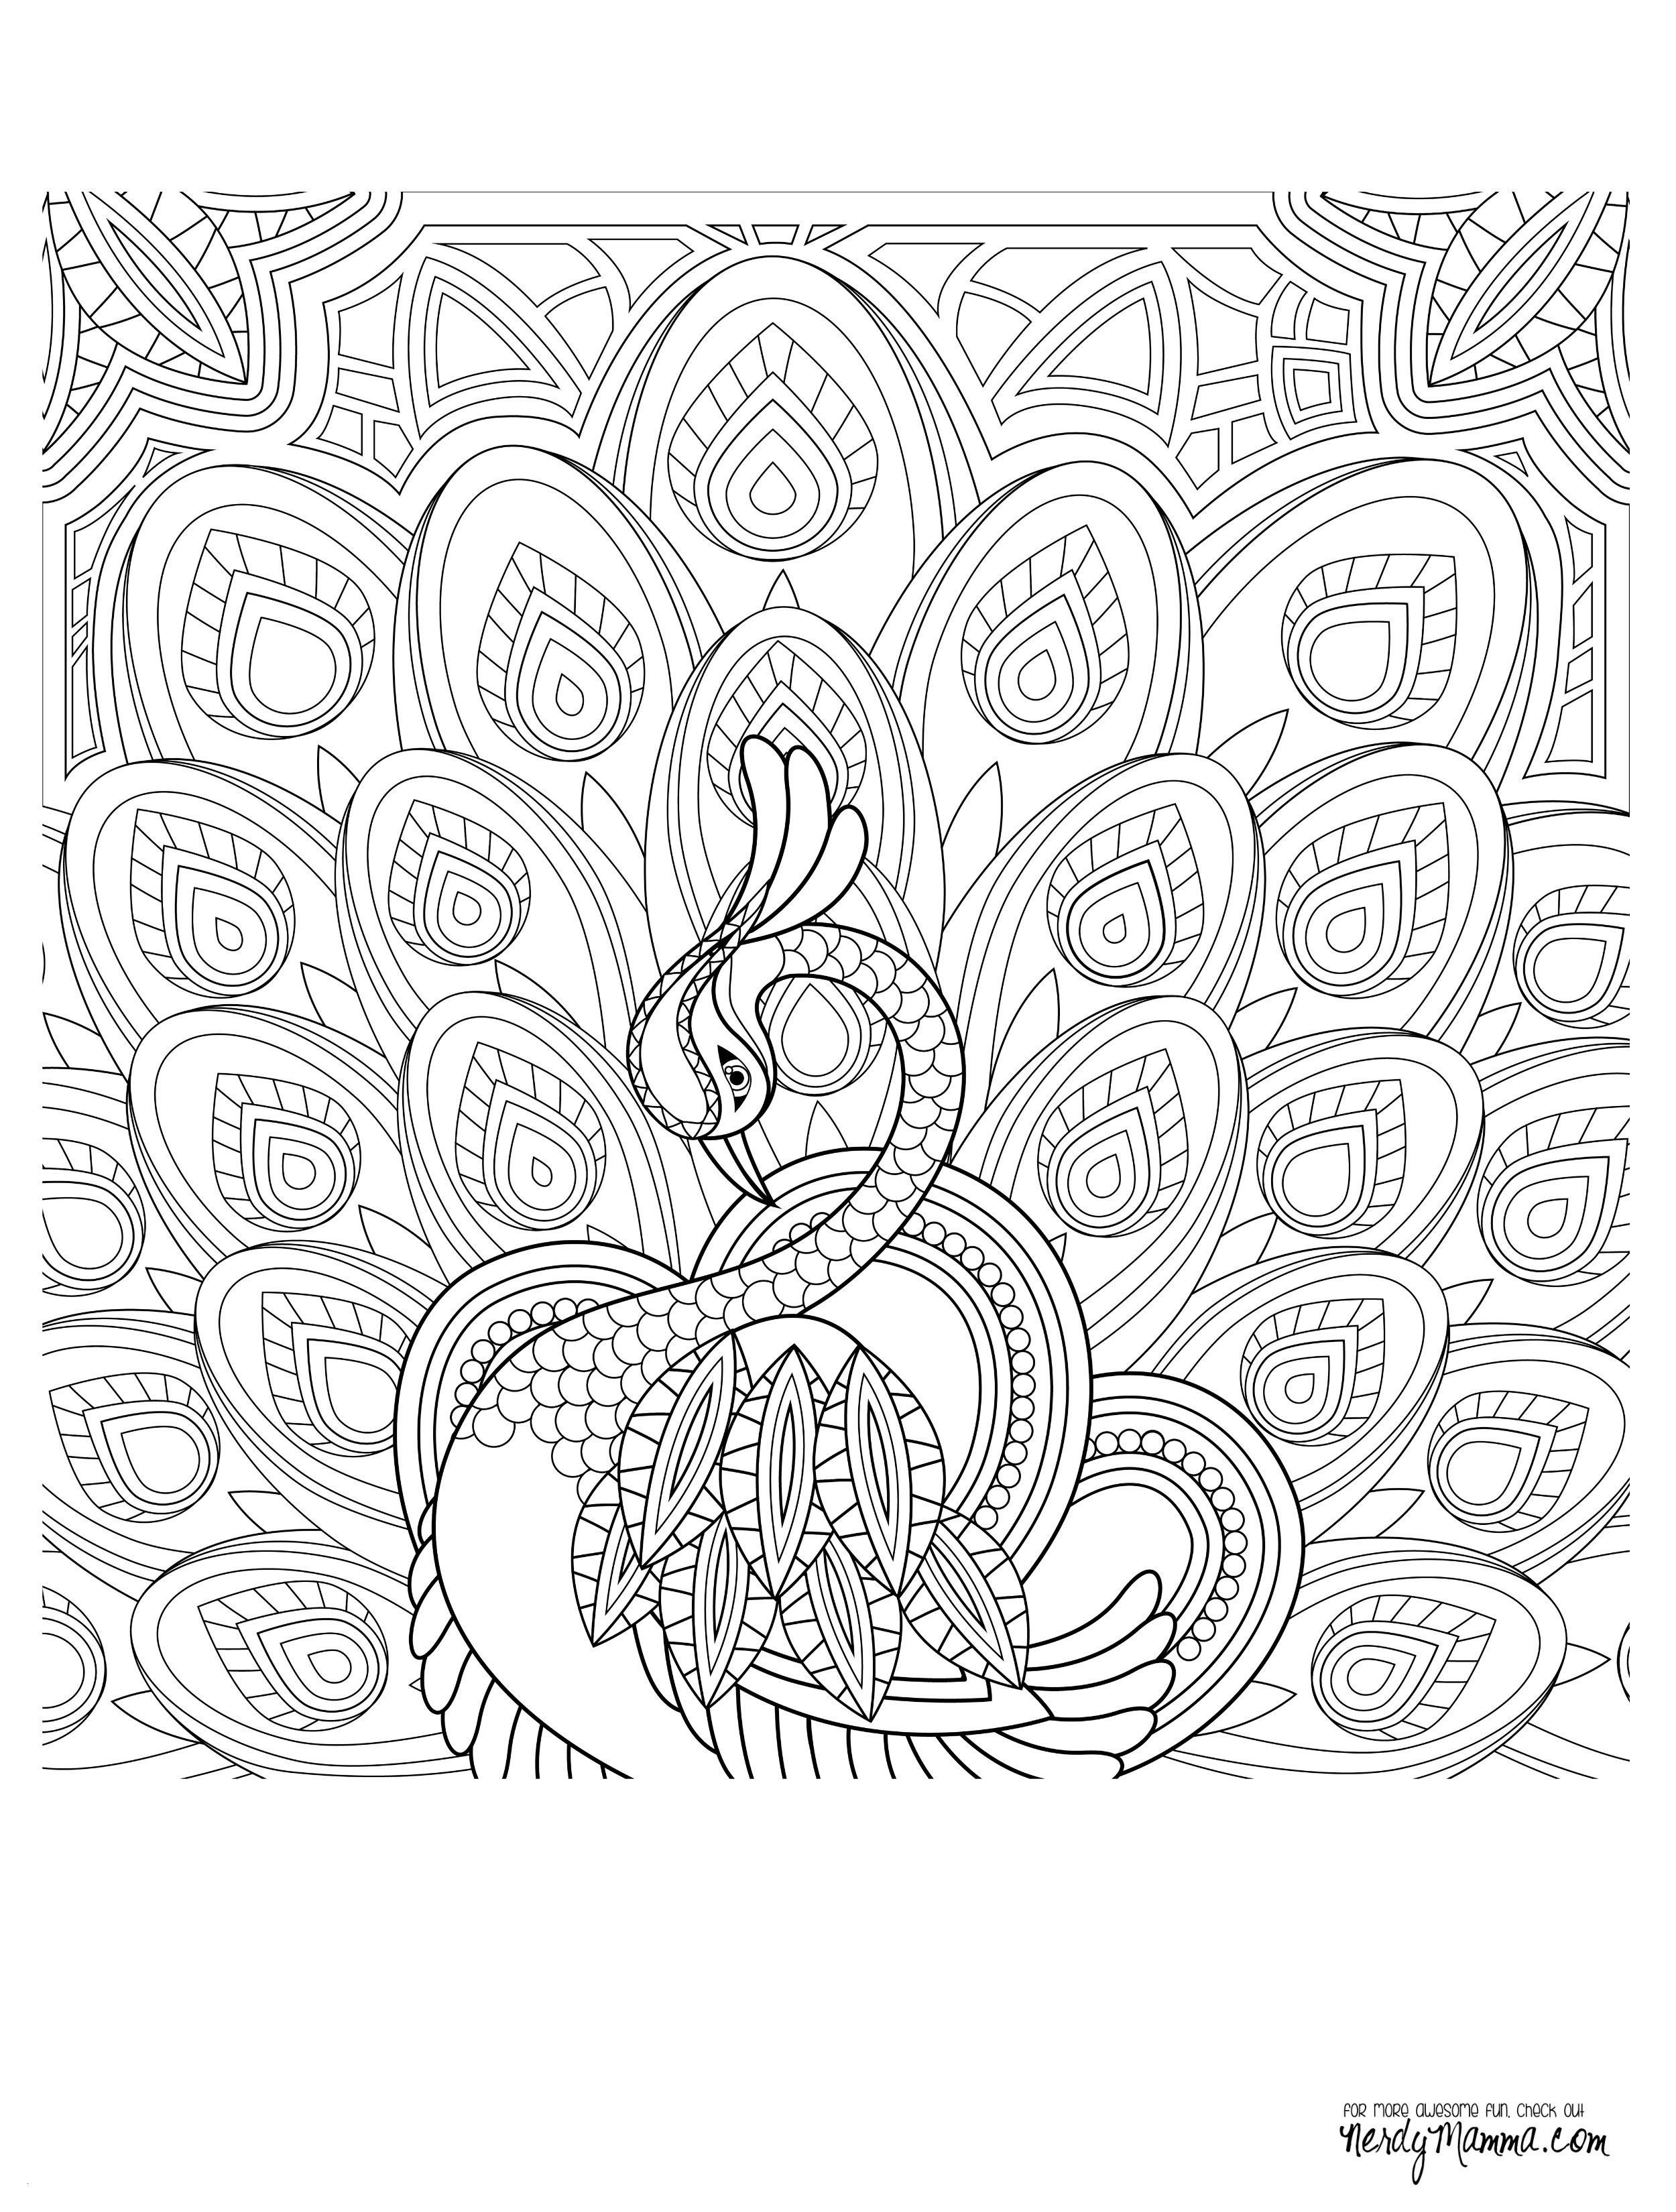 Ausmalbilder Mandala Herzen Frisch Herz Malvorlagen Einfach Herz Mandalas Zum Ausdrucken – Malvorlagen Fotografieren